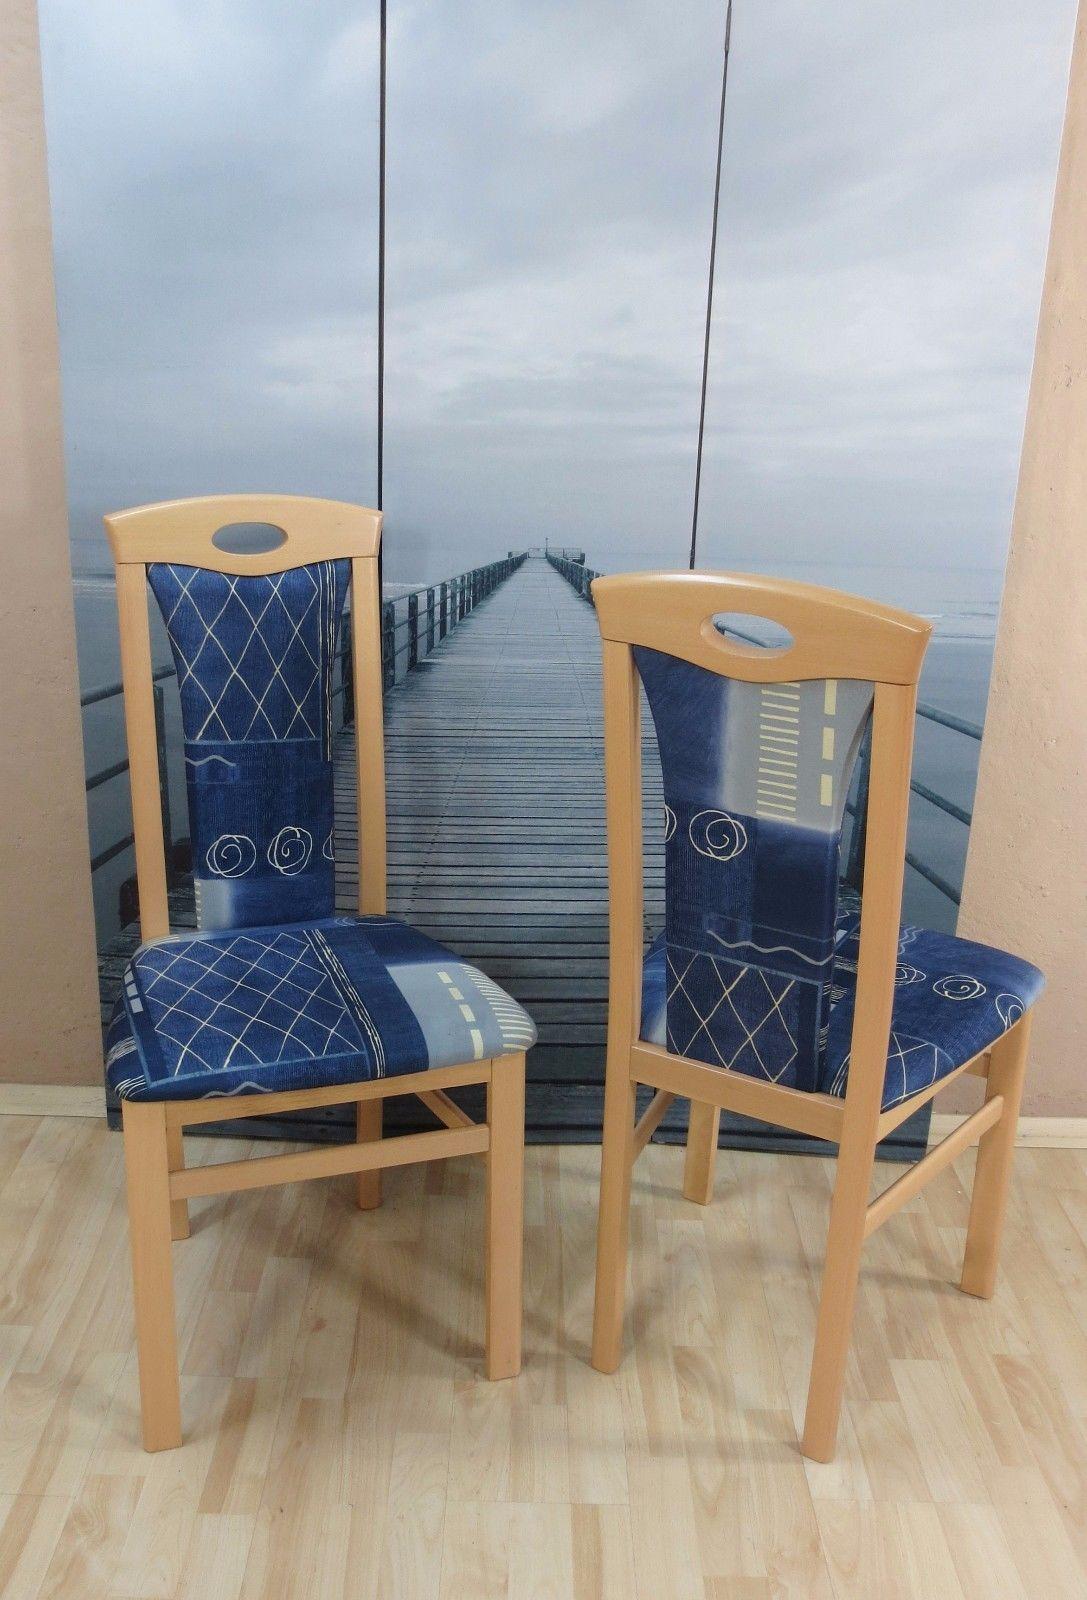 Sthle buche blau excellent x retro blau sthle polster stuhl set stuhlgruppe kchensthle with - Liegestuhle ikea ...